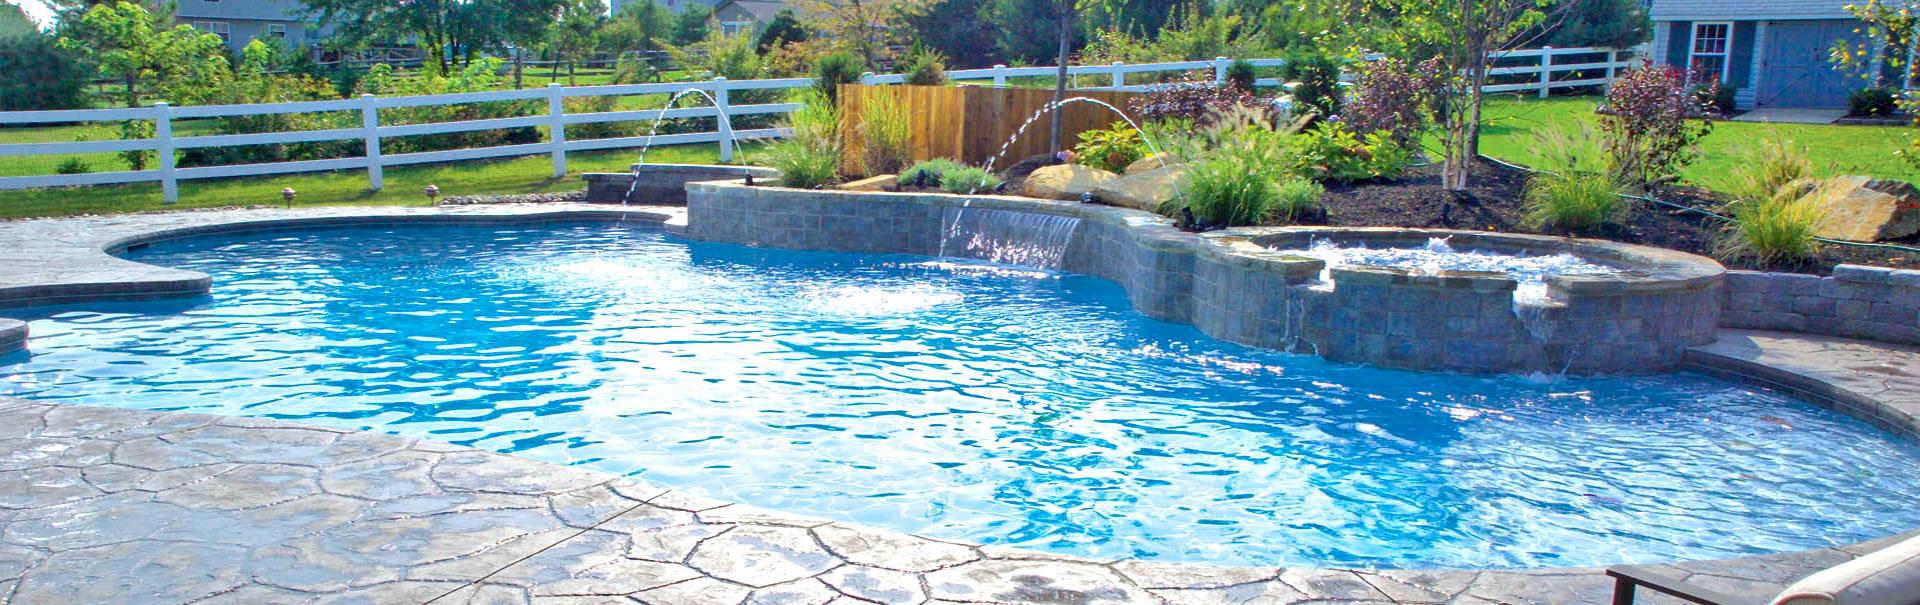 Delaware-swimming-pool